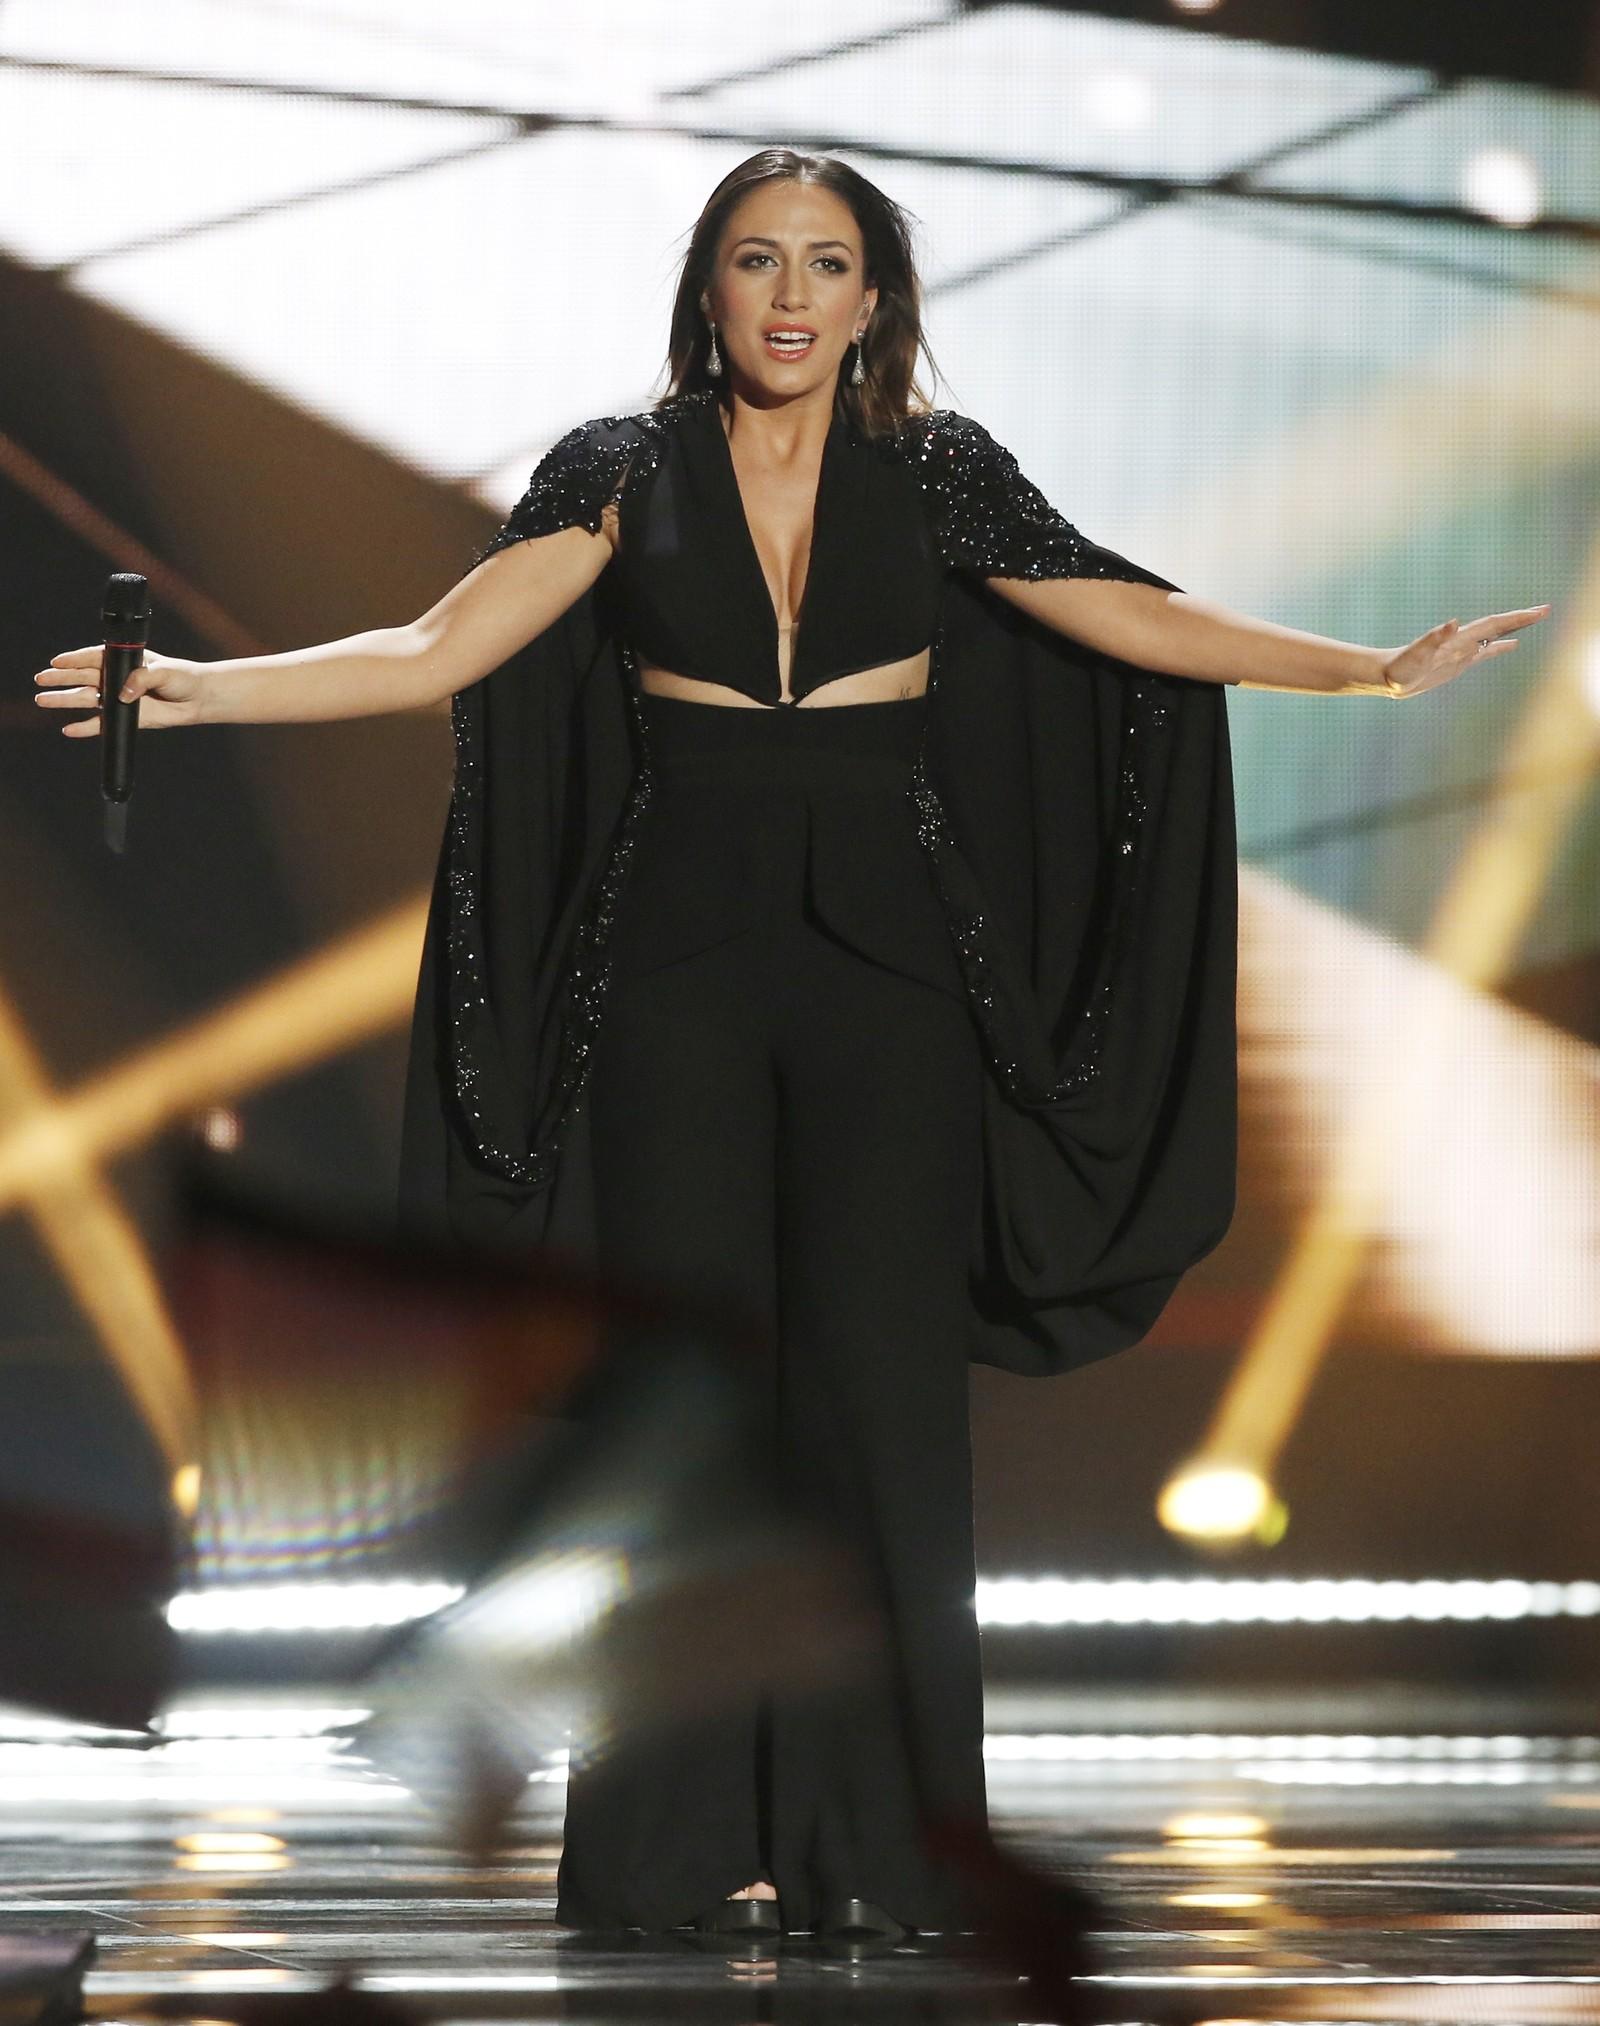 26. ALBANIA: Albania representeres av 22 år gamle Elhaida Dani med låten «I'm Alive» . Til tross for sin unge alder, har Dani allerede gjort seg bemerket i en rekke sangkonkurranser i hjemlandet, og i 2013 vant hun italienske The Voice.